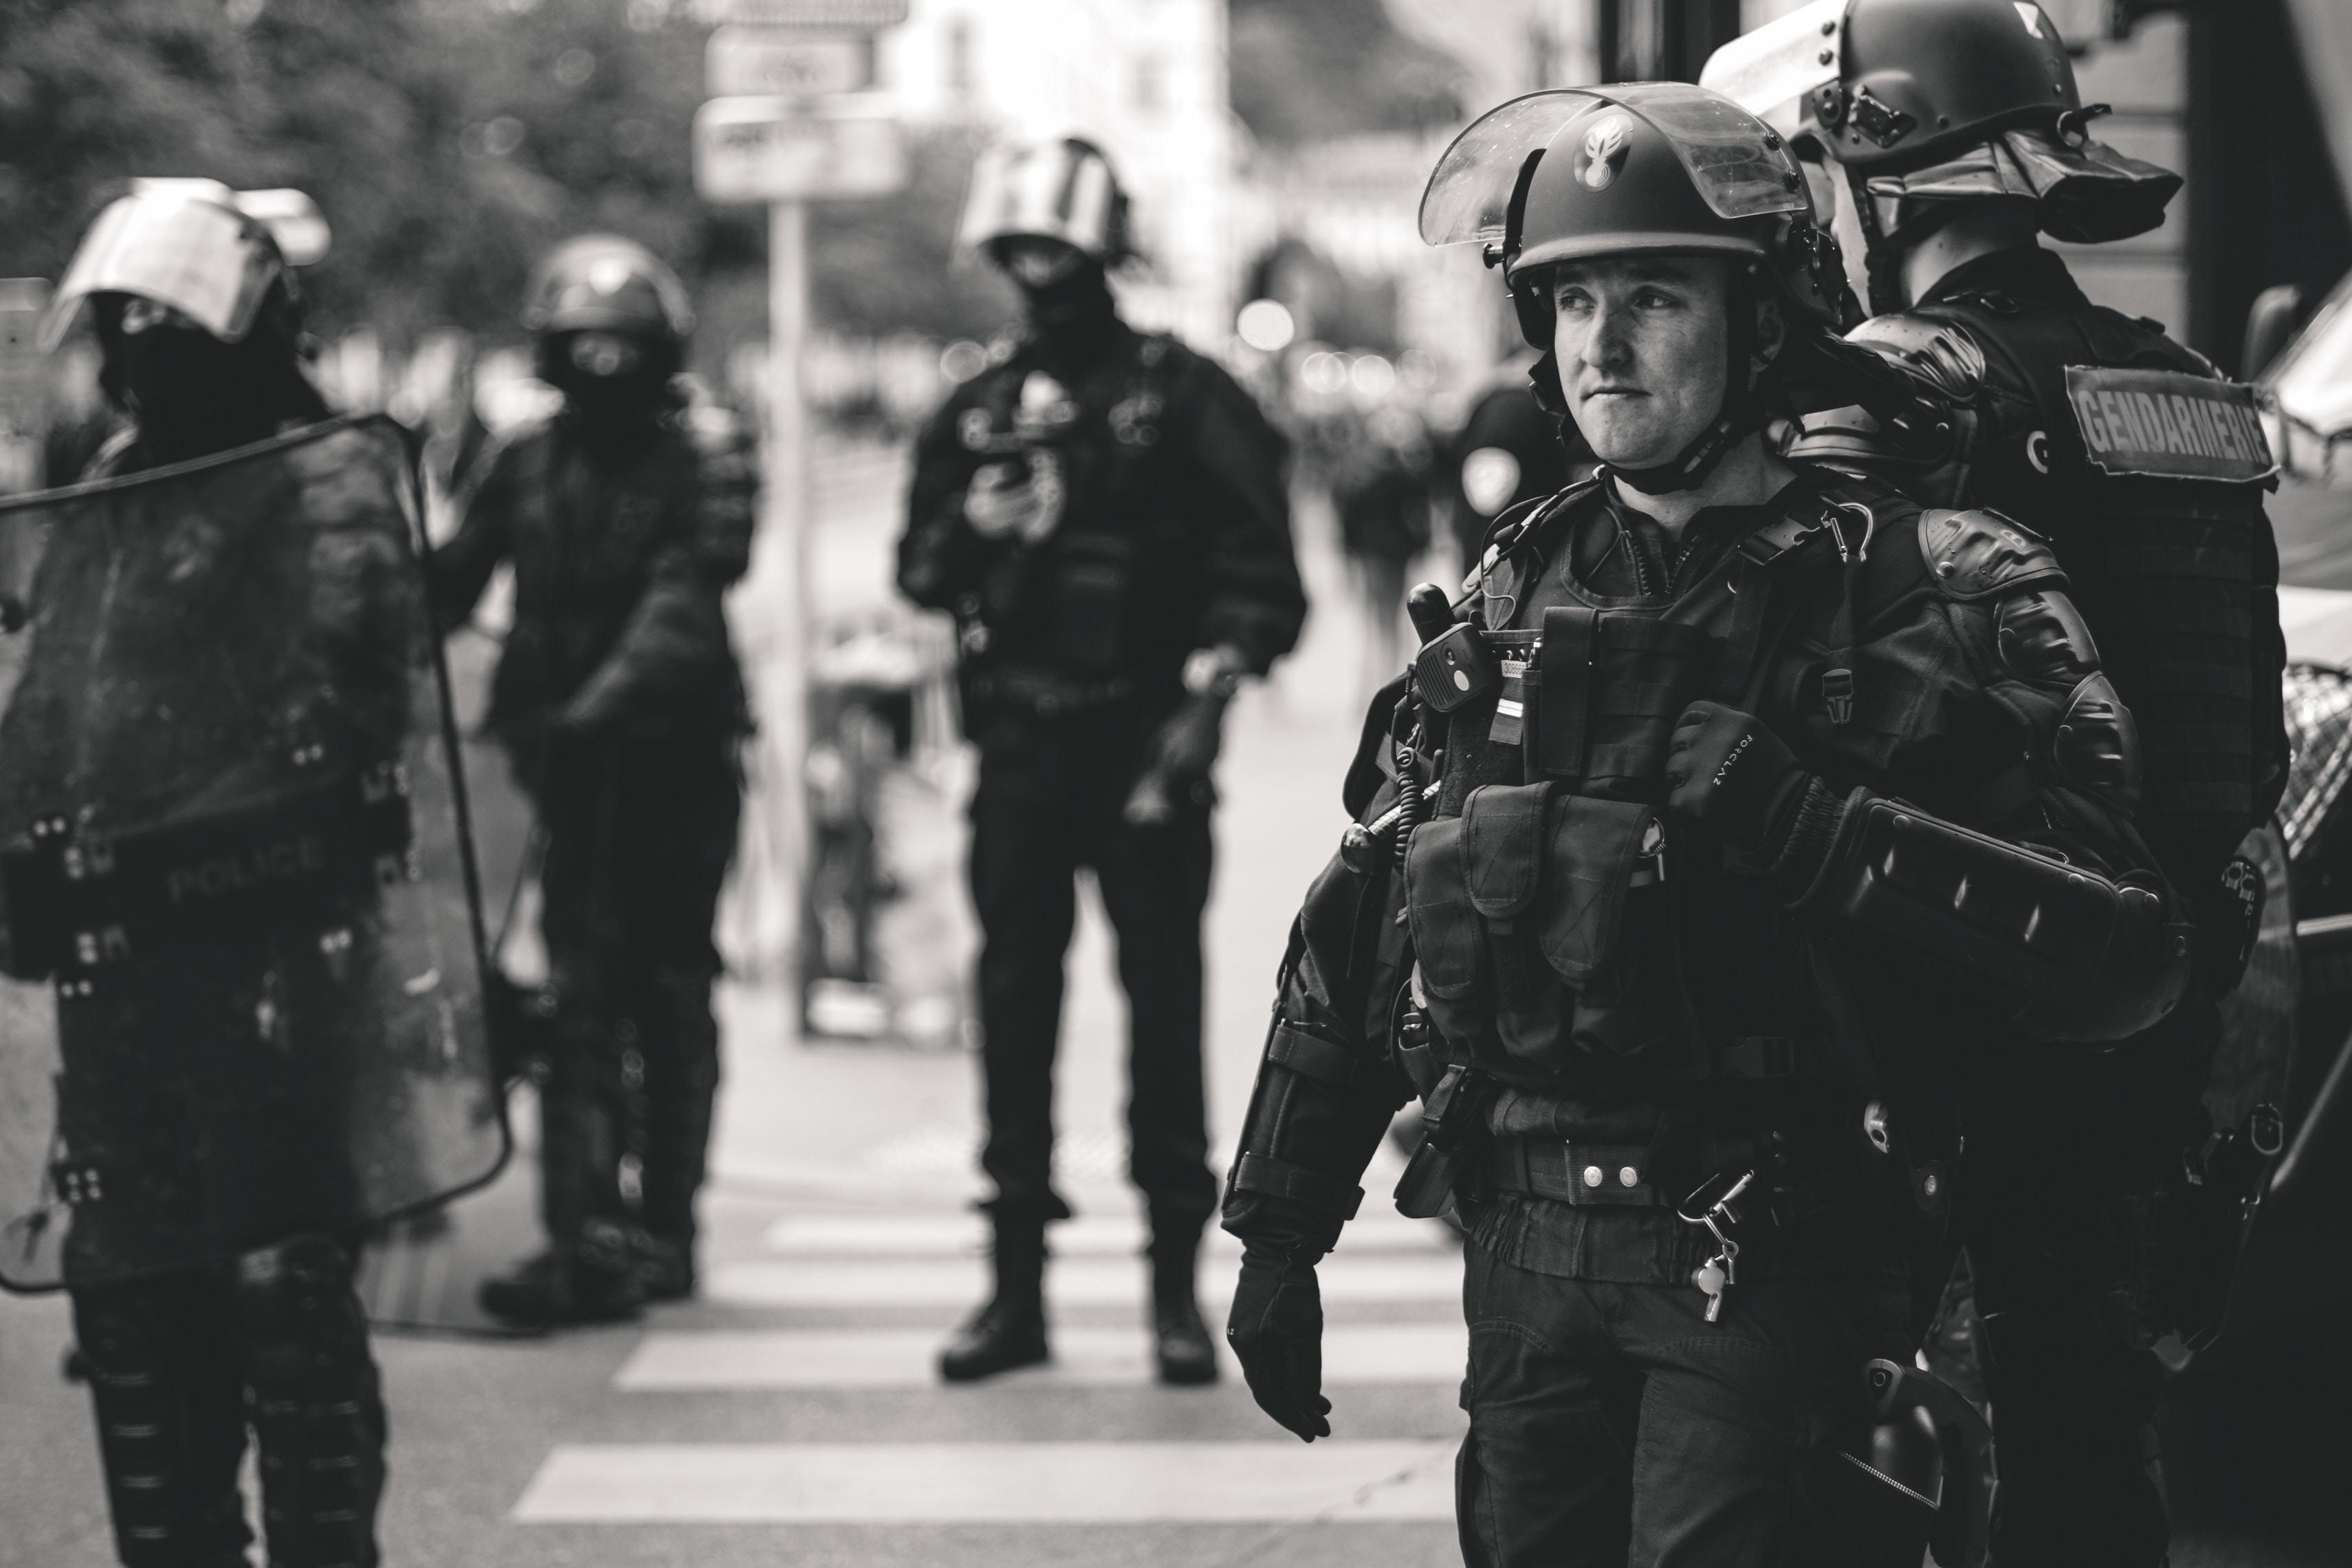 Enfoques multidisciplinarios y de multiagencia para prevenir y contrarrestar el extremismo violento: ¿una historia de éxito emergente de P/CVE?